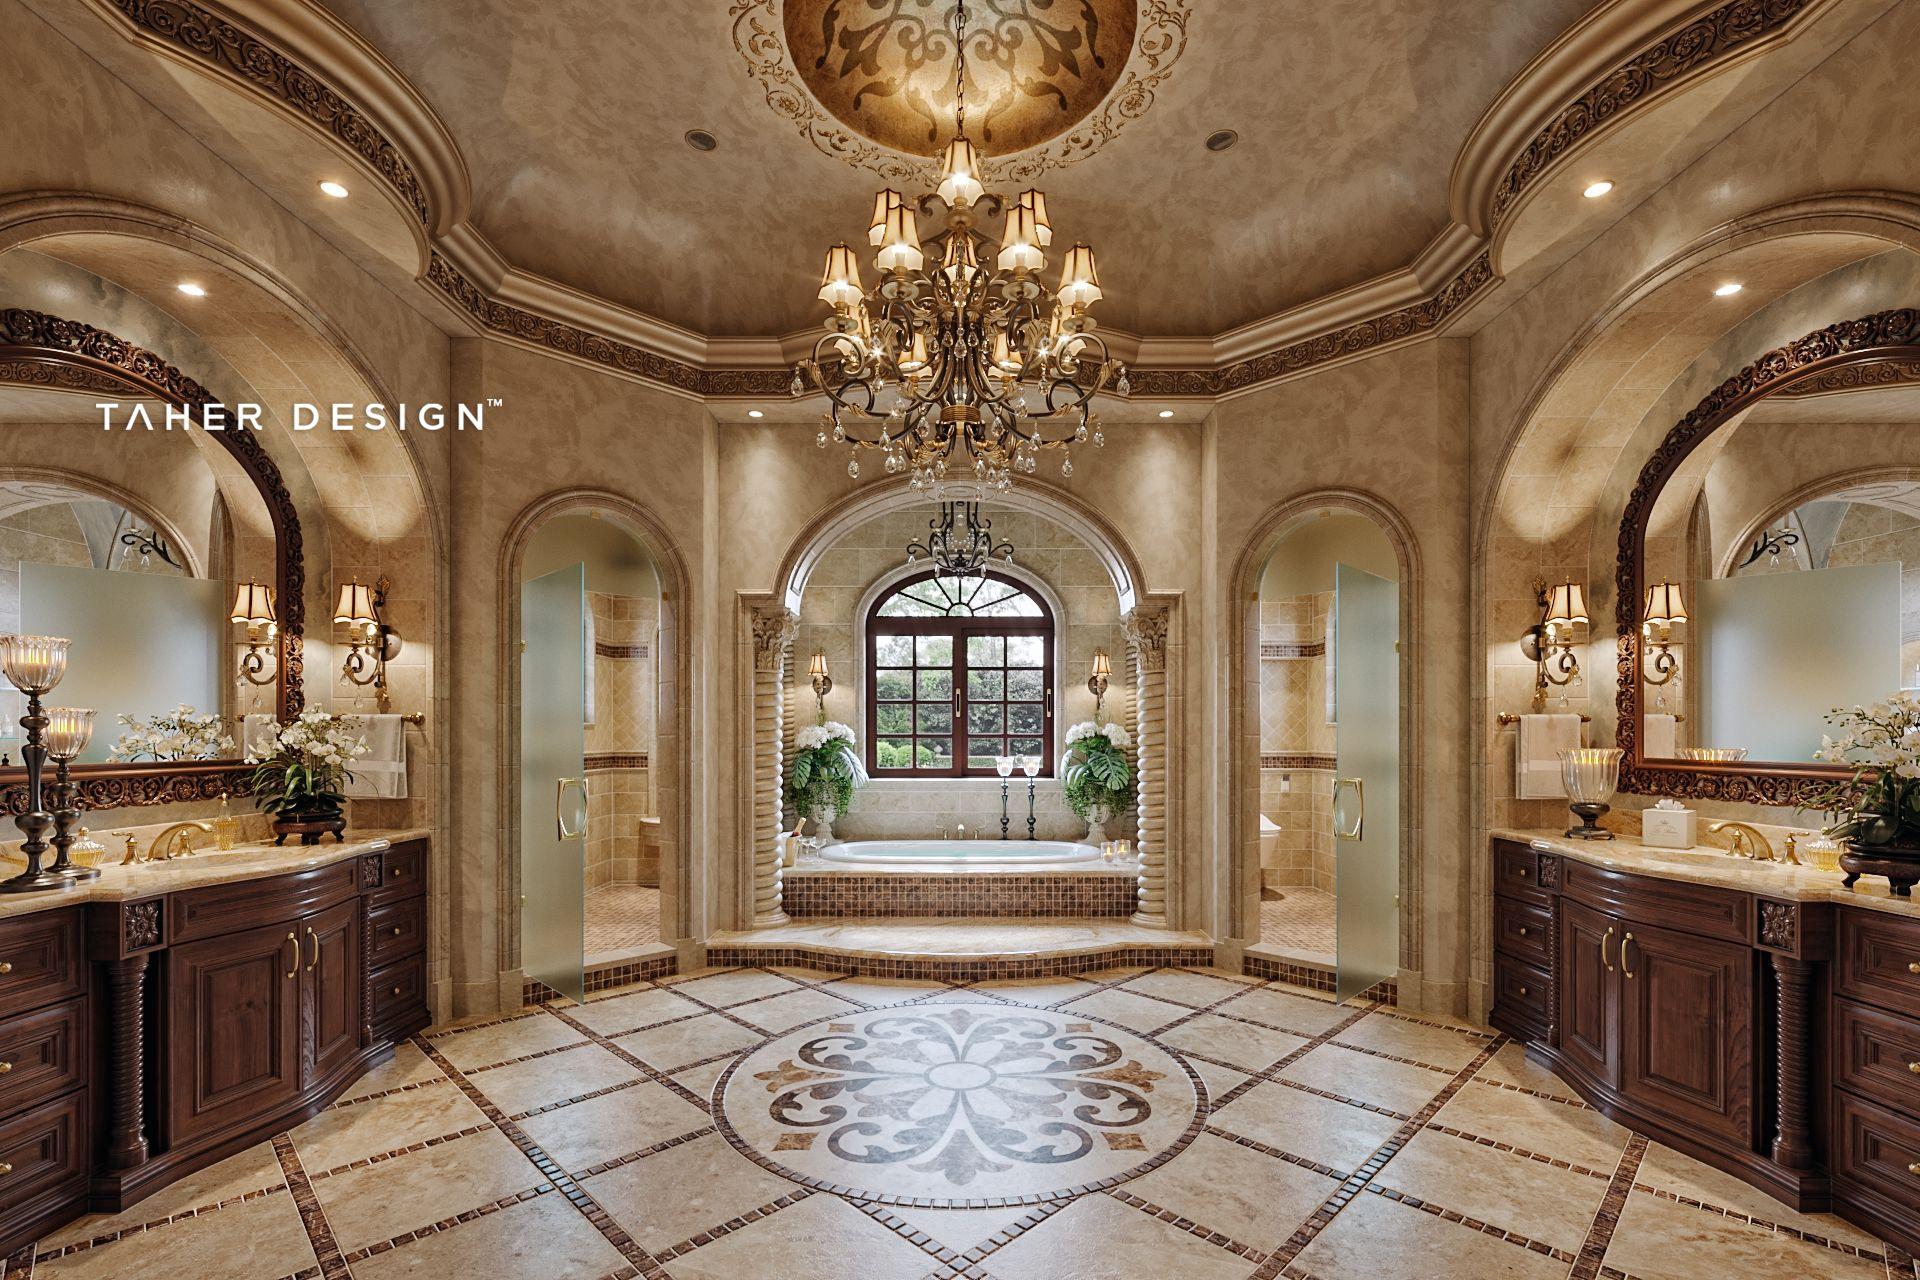 Master Bathroom Design For Luxury Mansion Located In Dubai Uae C 2017 Interior Design By Luxury Mansions Interior Mansion Interior Luxury Master Bathrooms